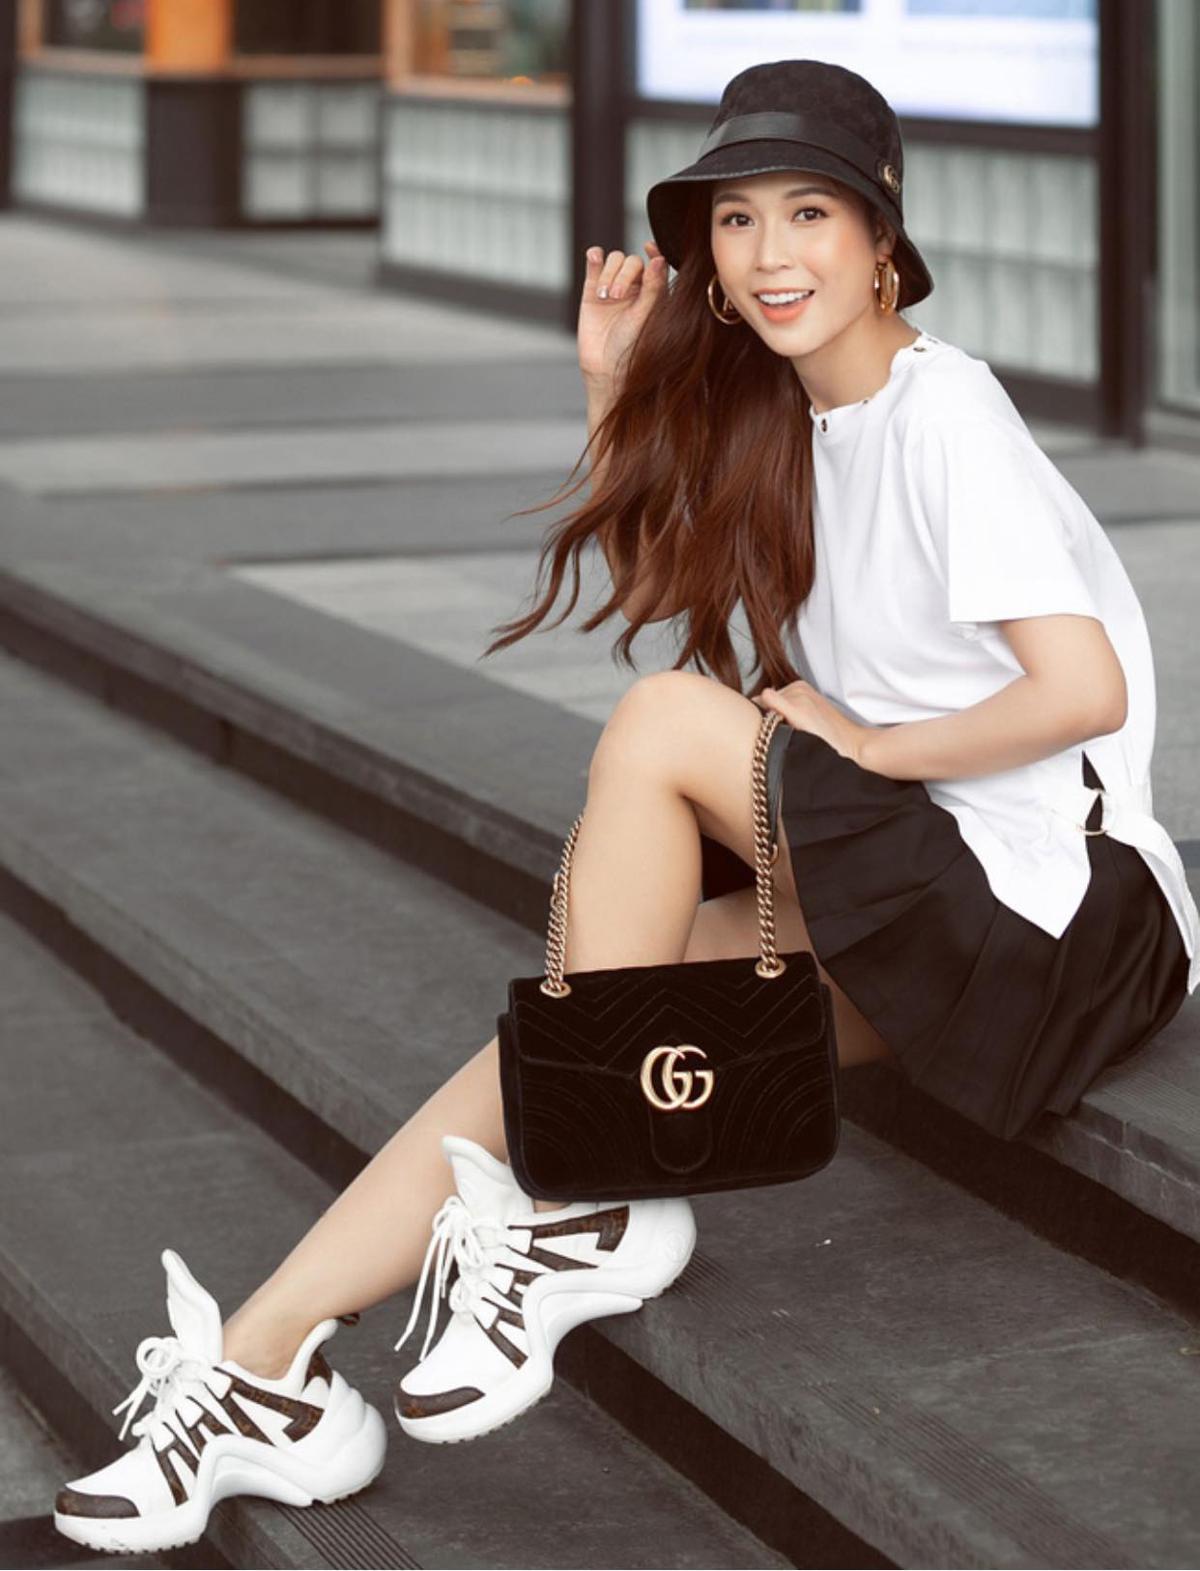 Chỉ diện hai tông đen - trắng cơ bản, Sam vẫn nổi bật nhờ cách mix đồ trẻ trung. Áo phông, chân váy xòe được cô mix cùng mũ và túi Gucci, đi kèm là sneakers Louis Vuitton hầm hố.